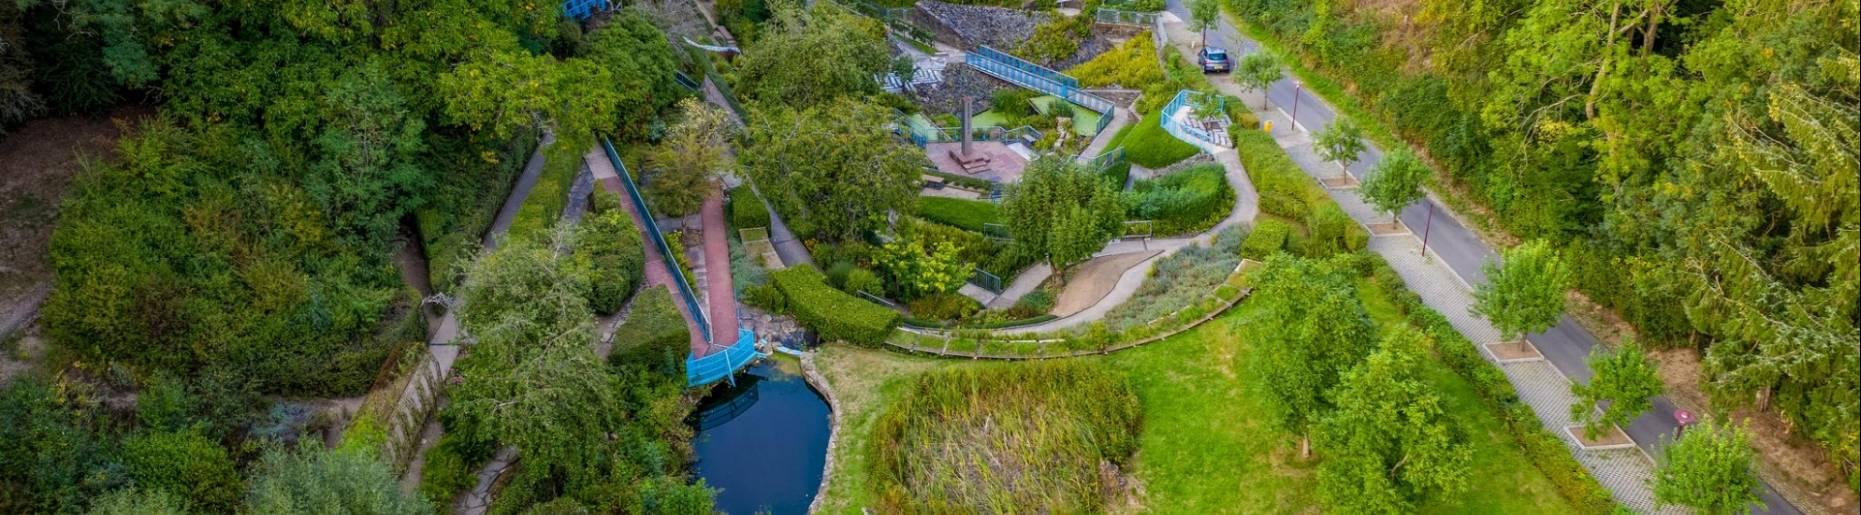 woltz jardins dji 0872m albd hdfb